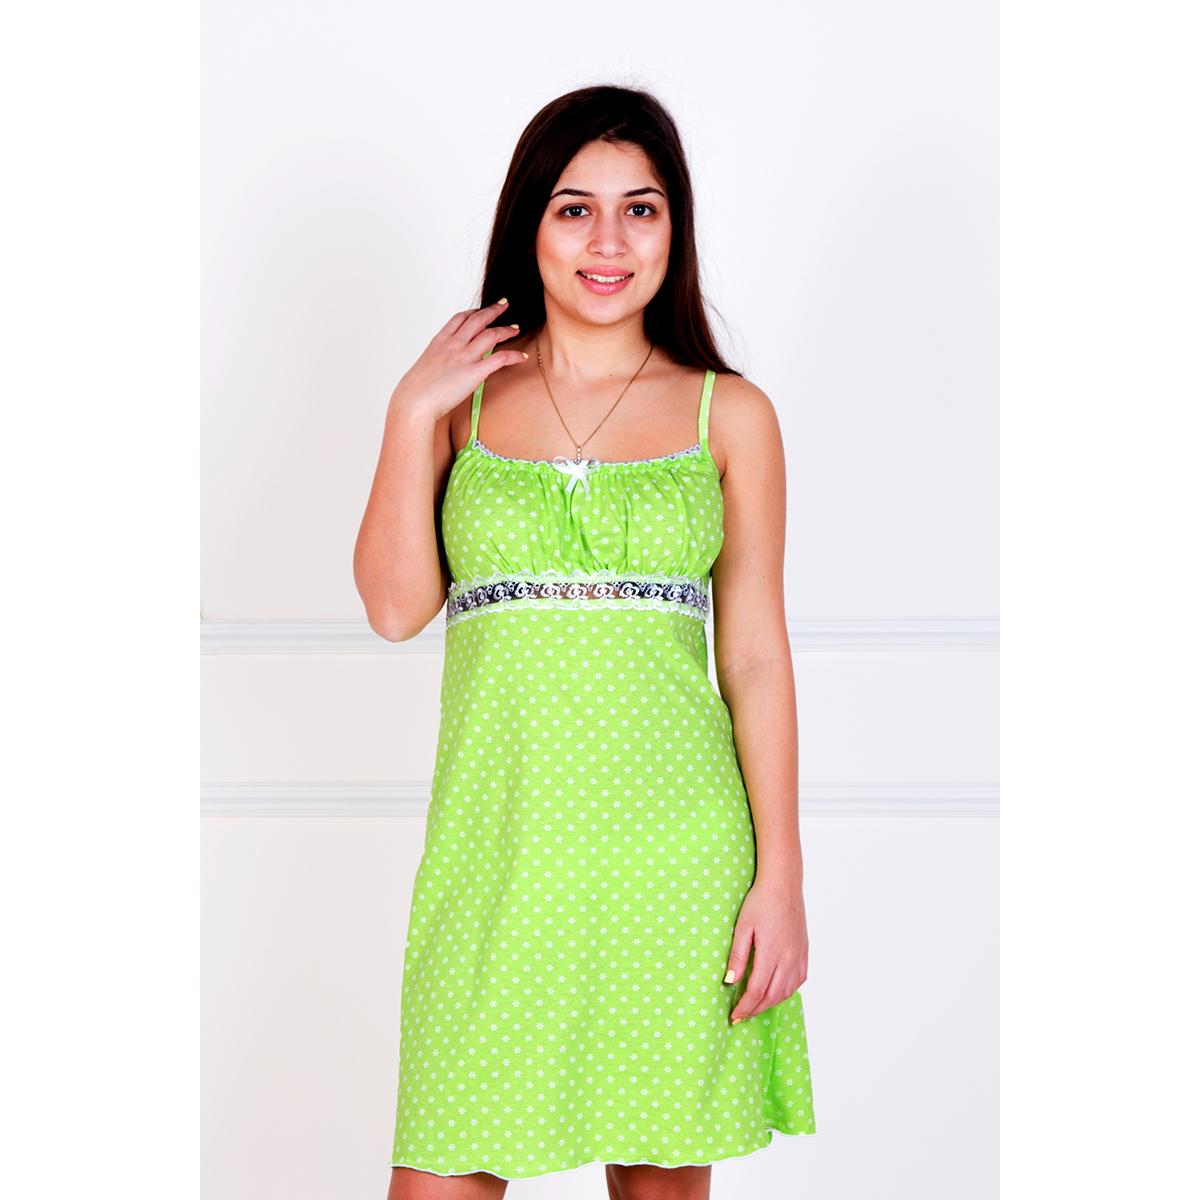 Женская сорочка Неженка Салатовый, размер 50Ночные сорочки<br>Обхват груди:100 см<br>Обхват талии:82 см<br>Обхват бедер:108 см<br>Рост:167 см<br><br>Тип: Жен. сорочка<br>Размер: 50<br>Материал: Кулирка